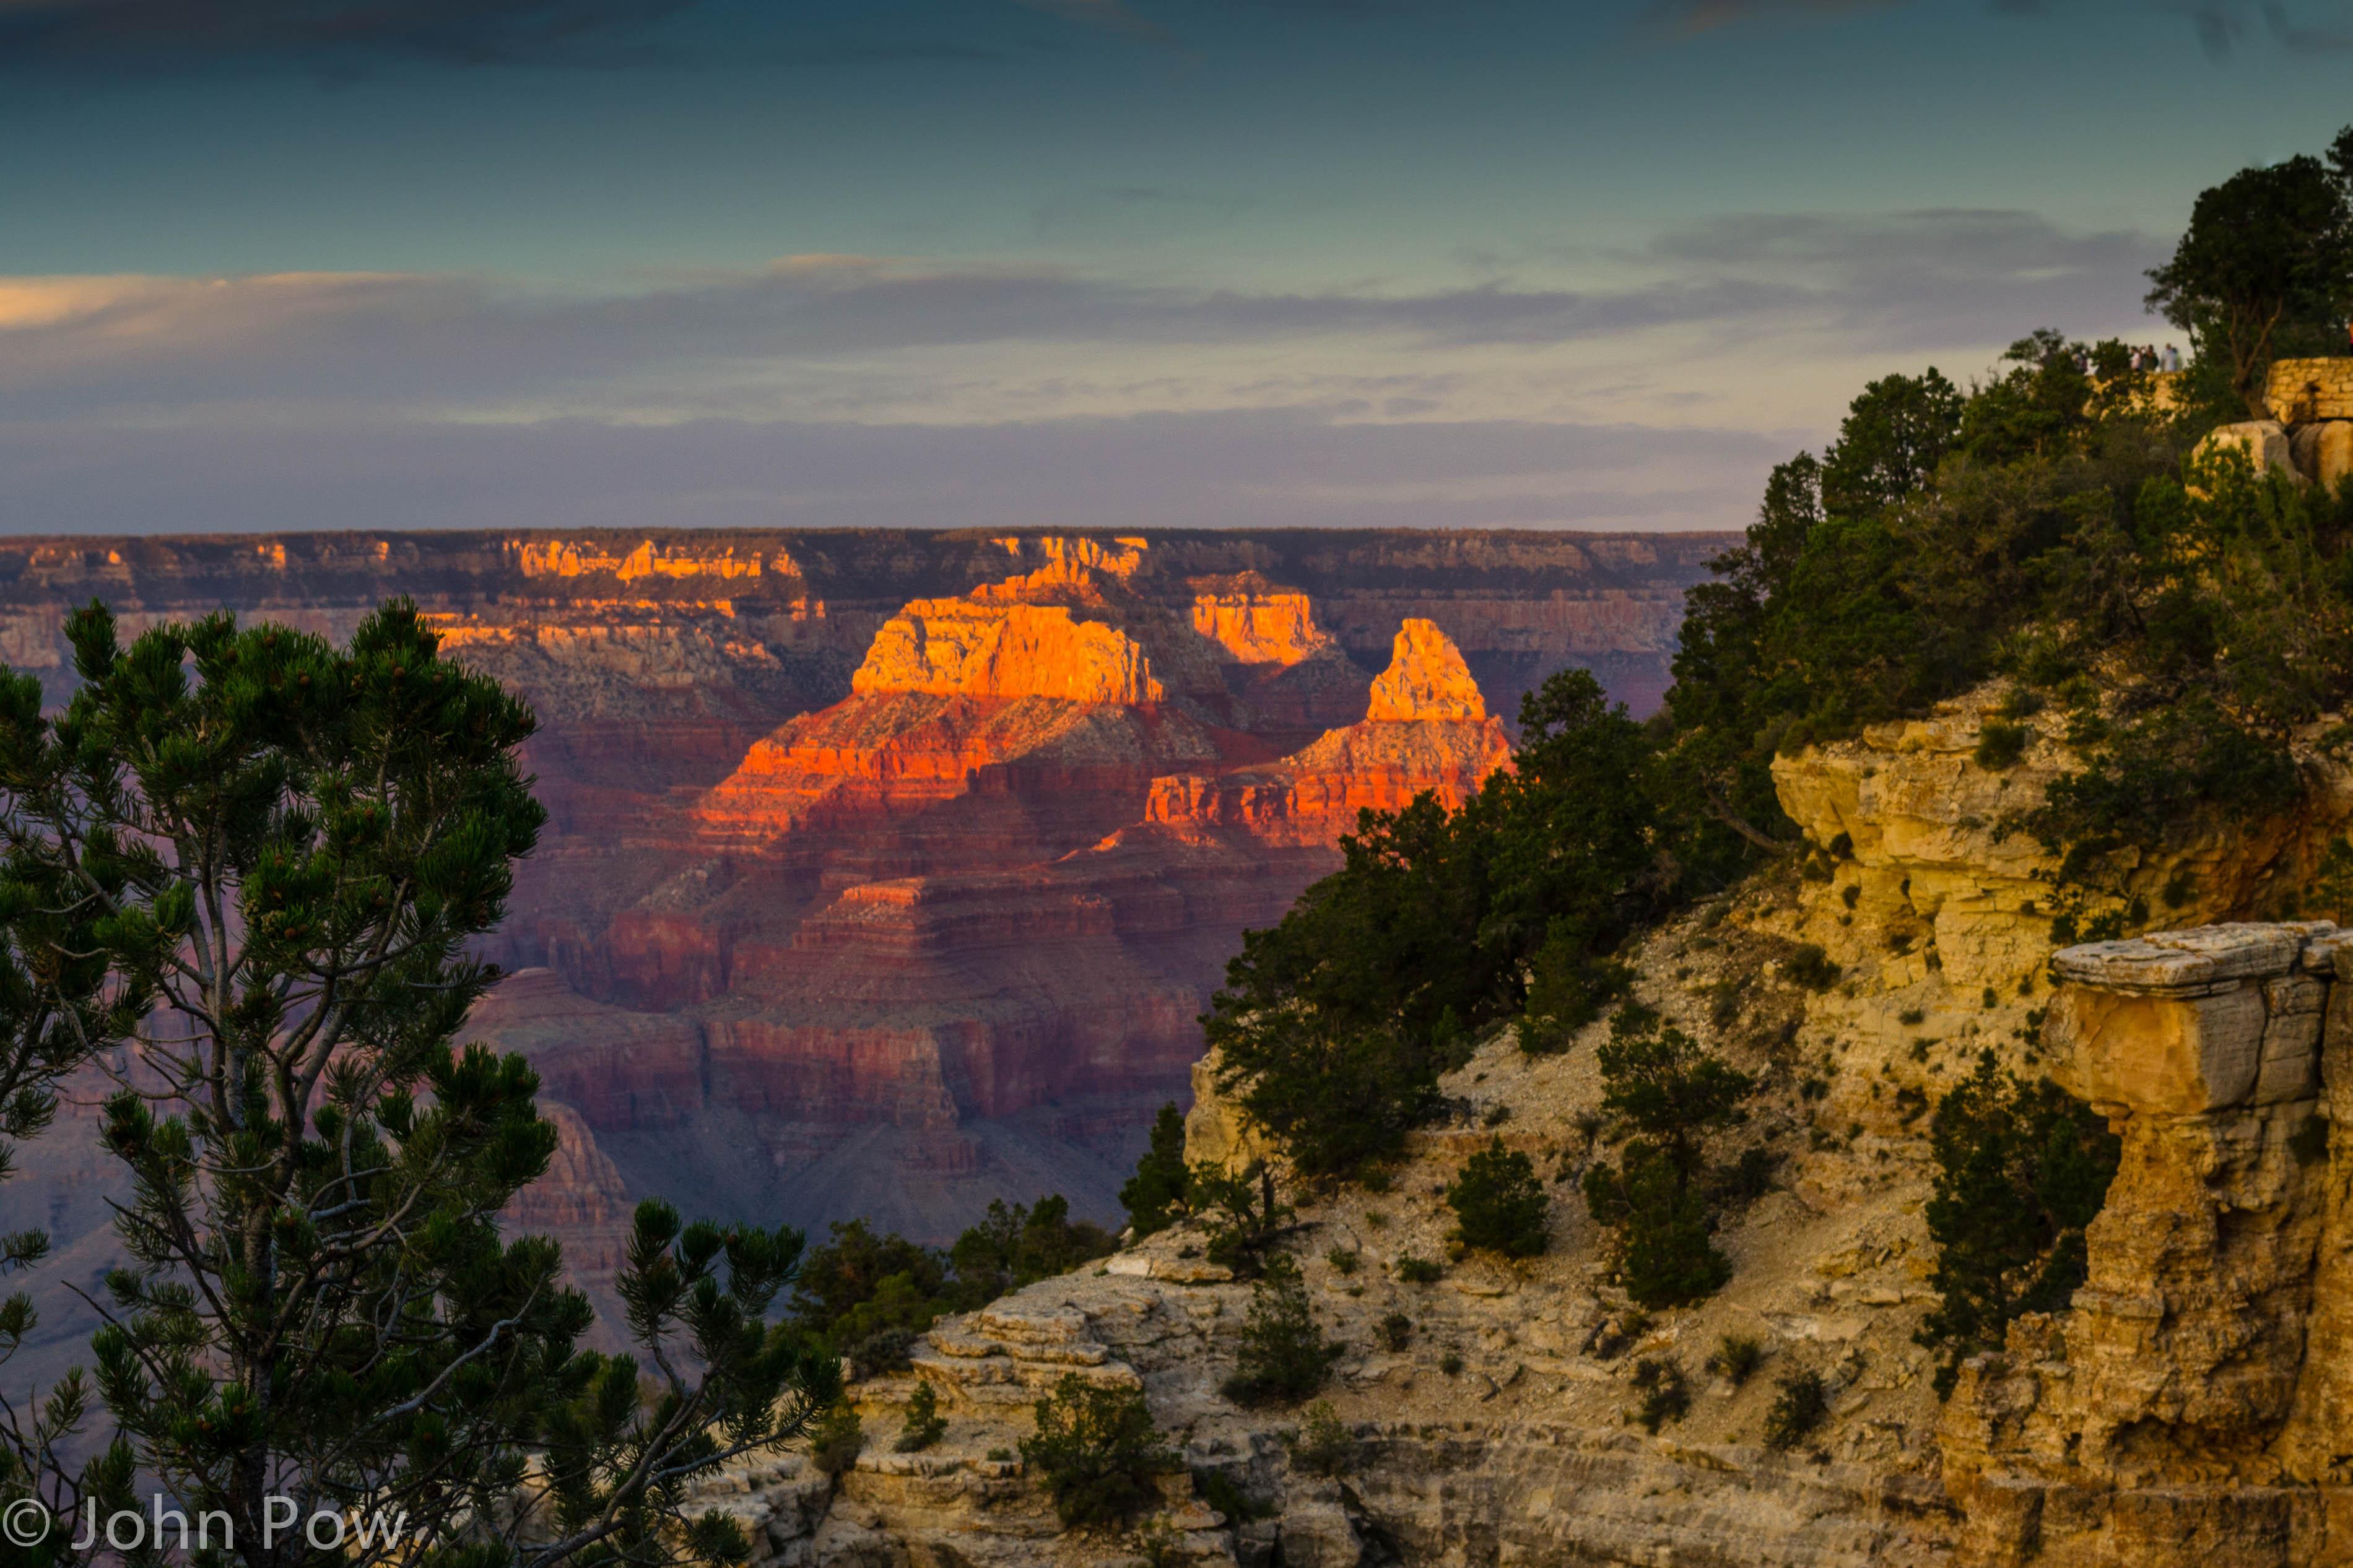 Grand Canyon Village, AZ, USA Sunrise Sunset Times